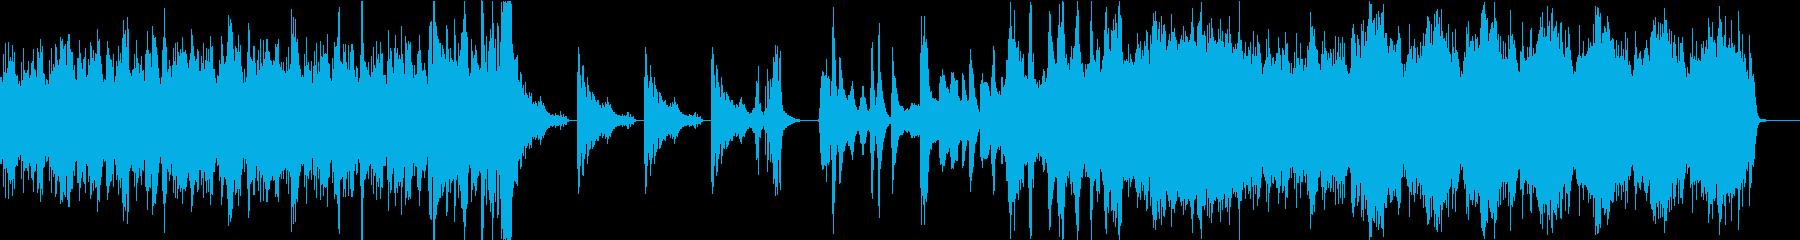 頭に残る奇妙な和風ホラーBGMの再生済みの波形